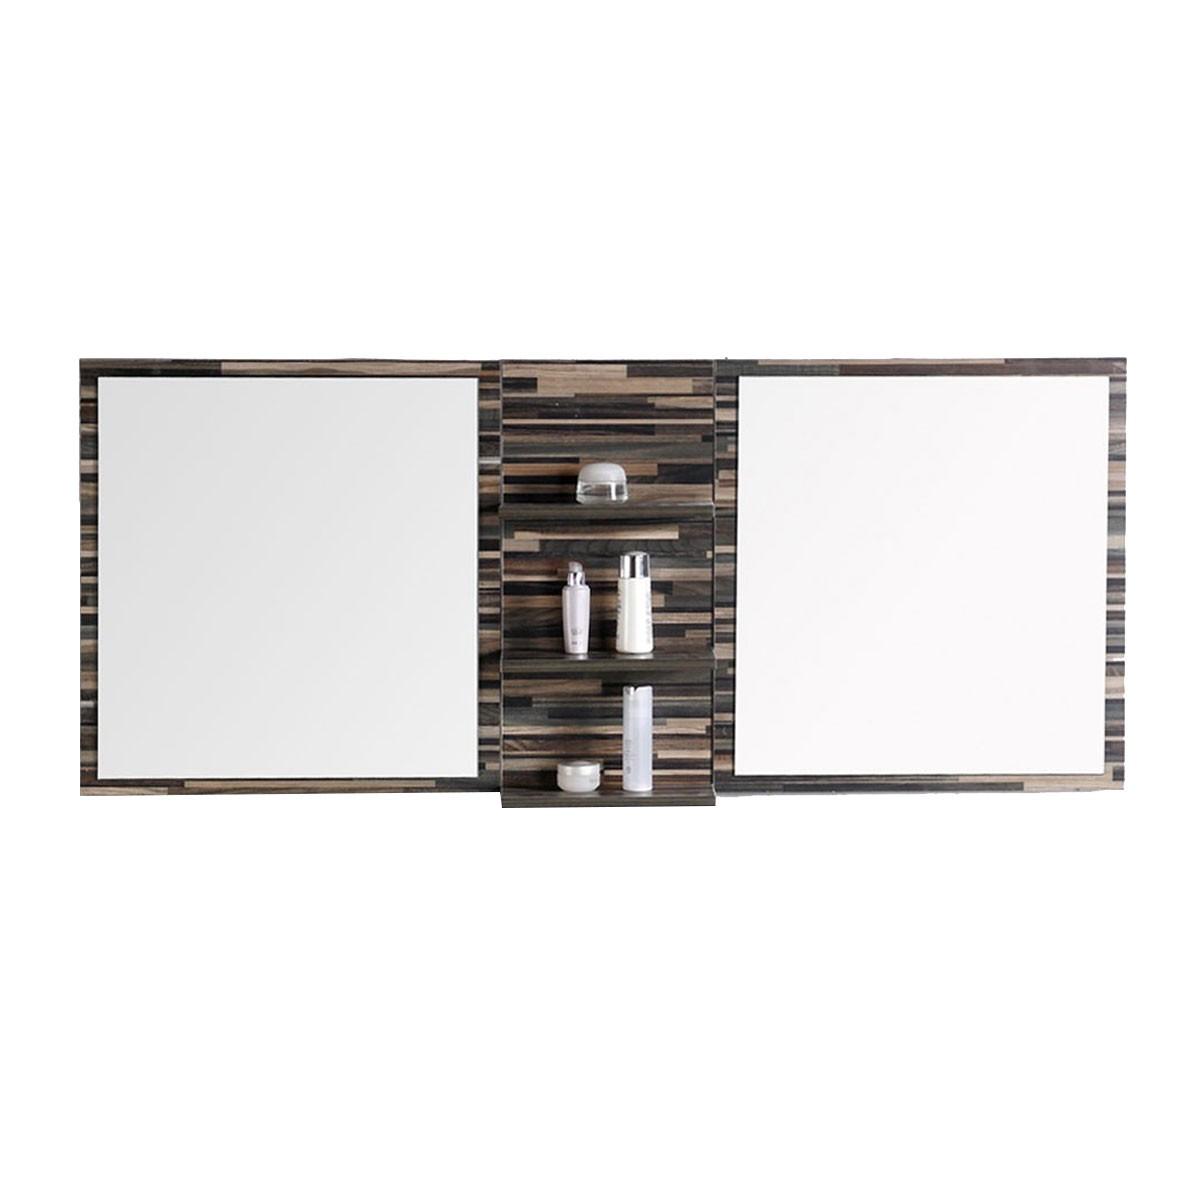 55 x 24 In. Bathroom Vanity Mirror (VS-8861-M)